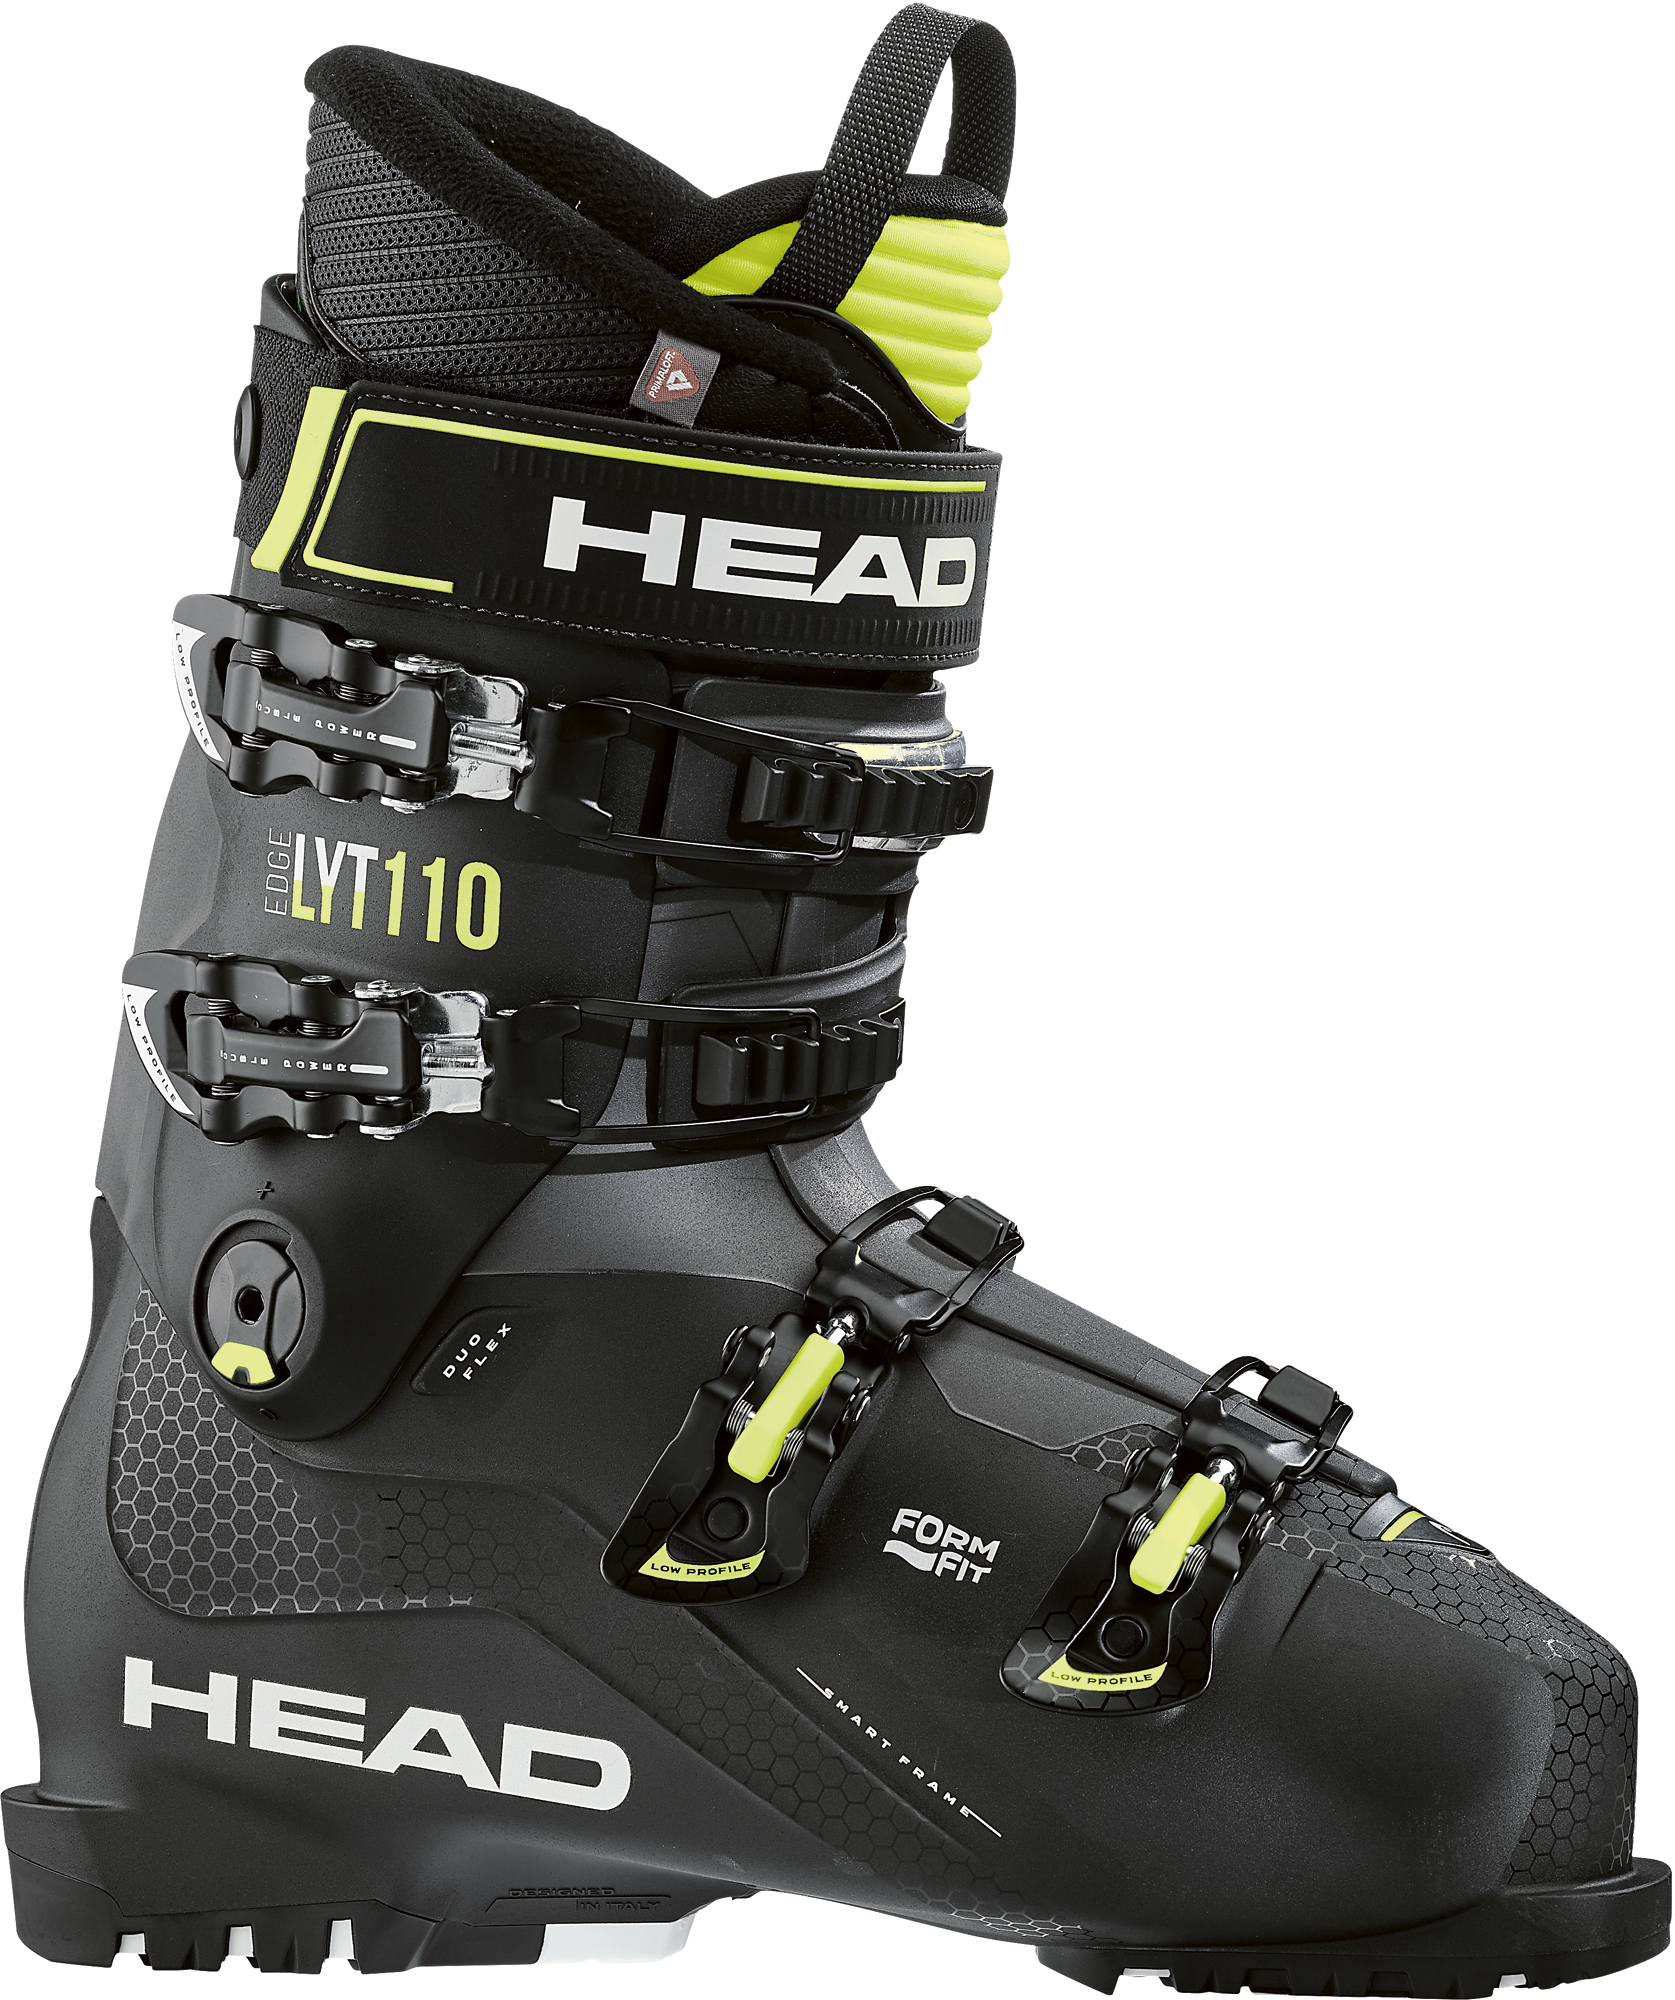 Head Ботинки горнолыжные EDGE LYT 110, размер 30,5 см